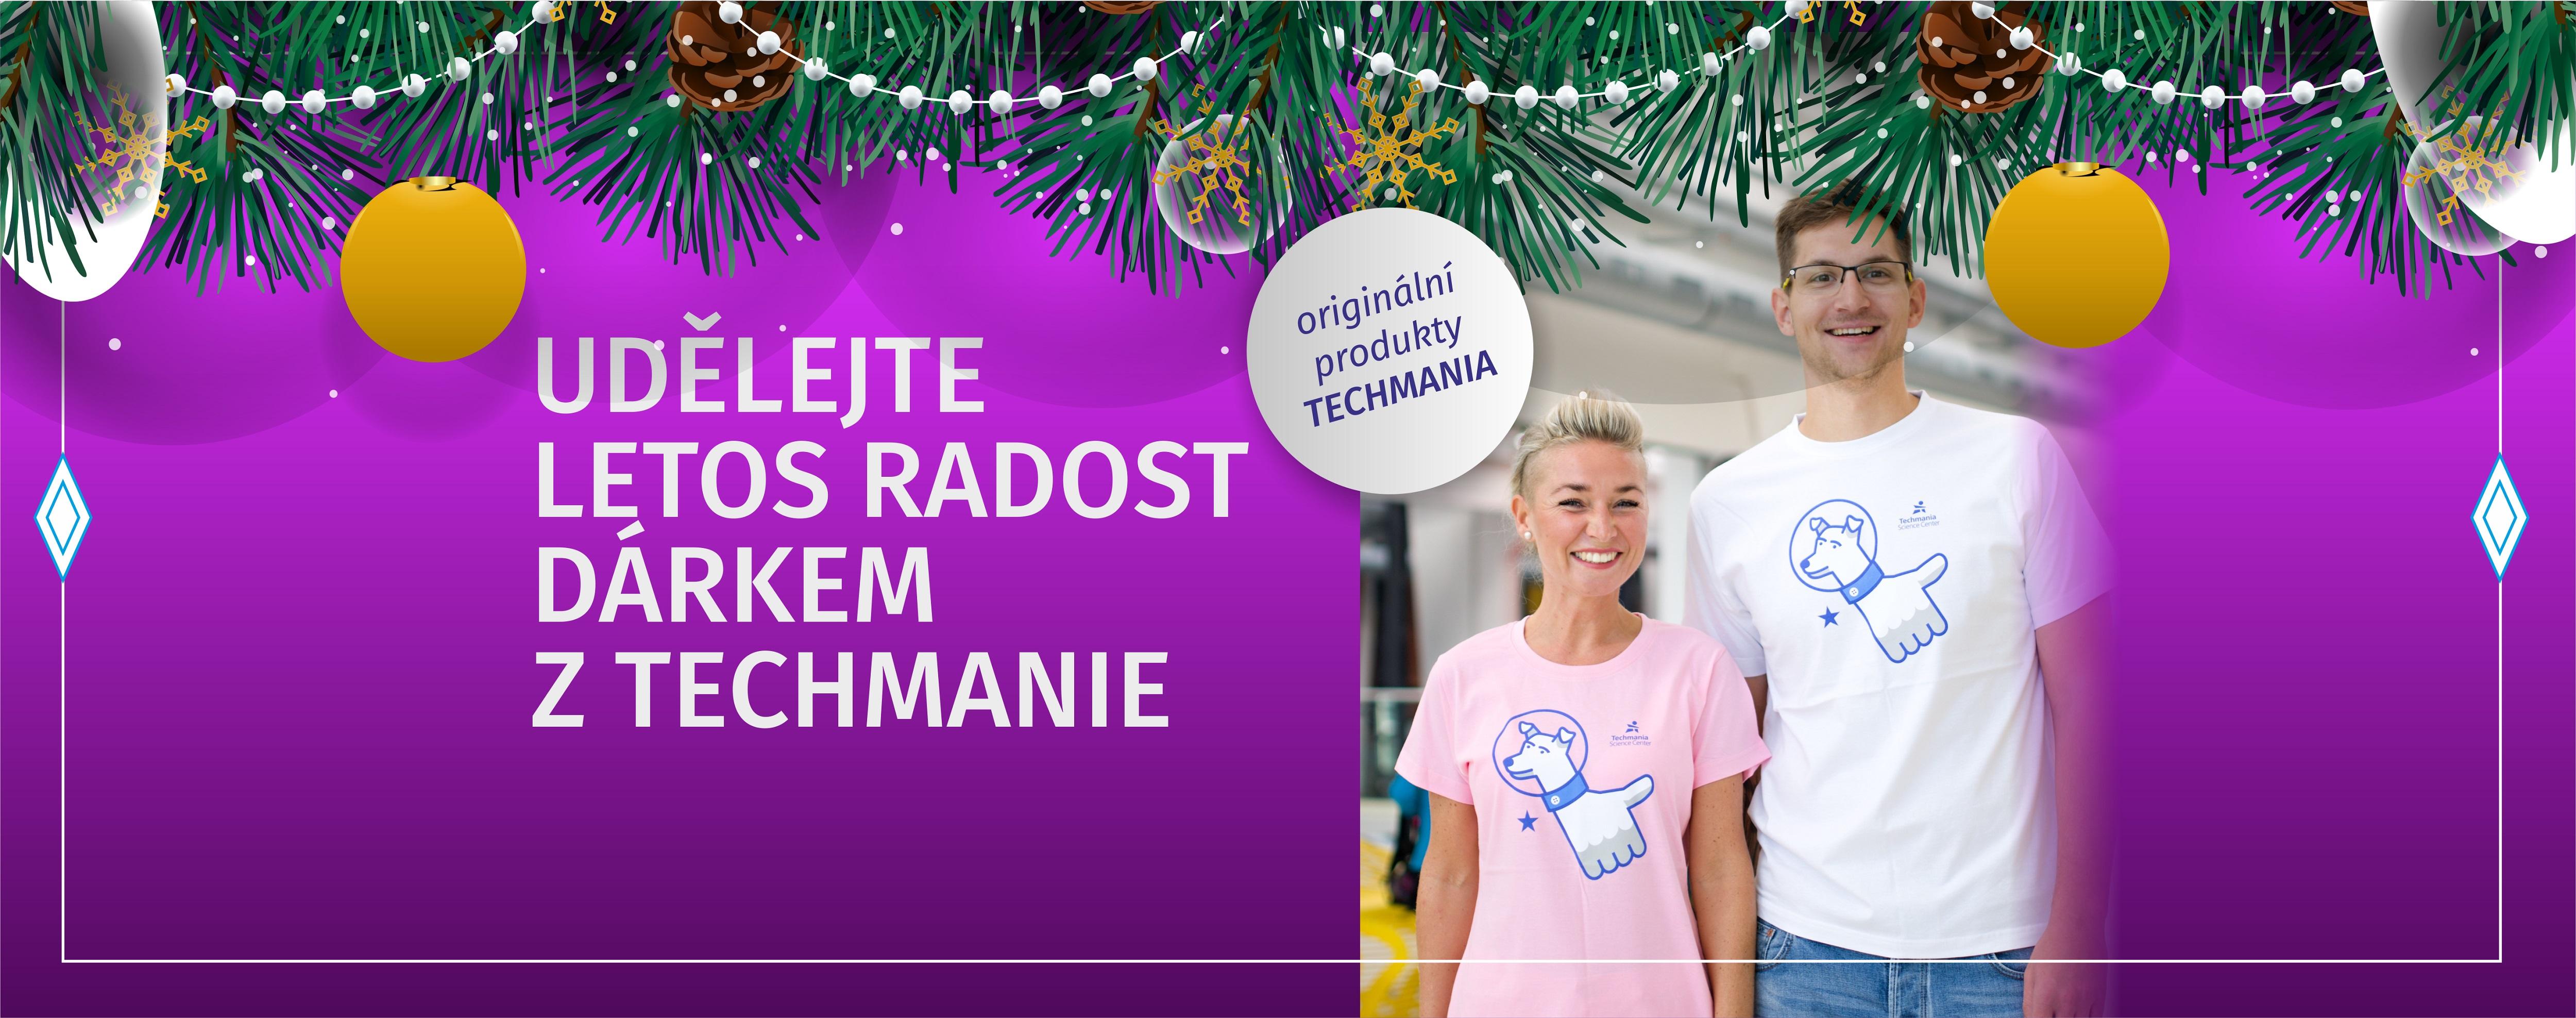 Vánoce_trička